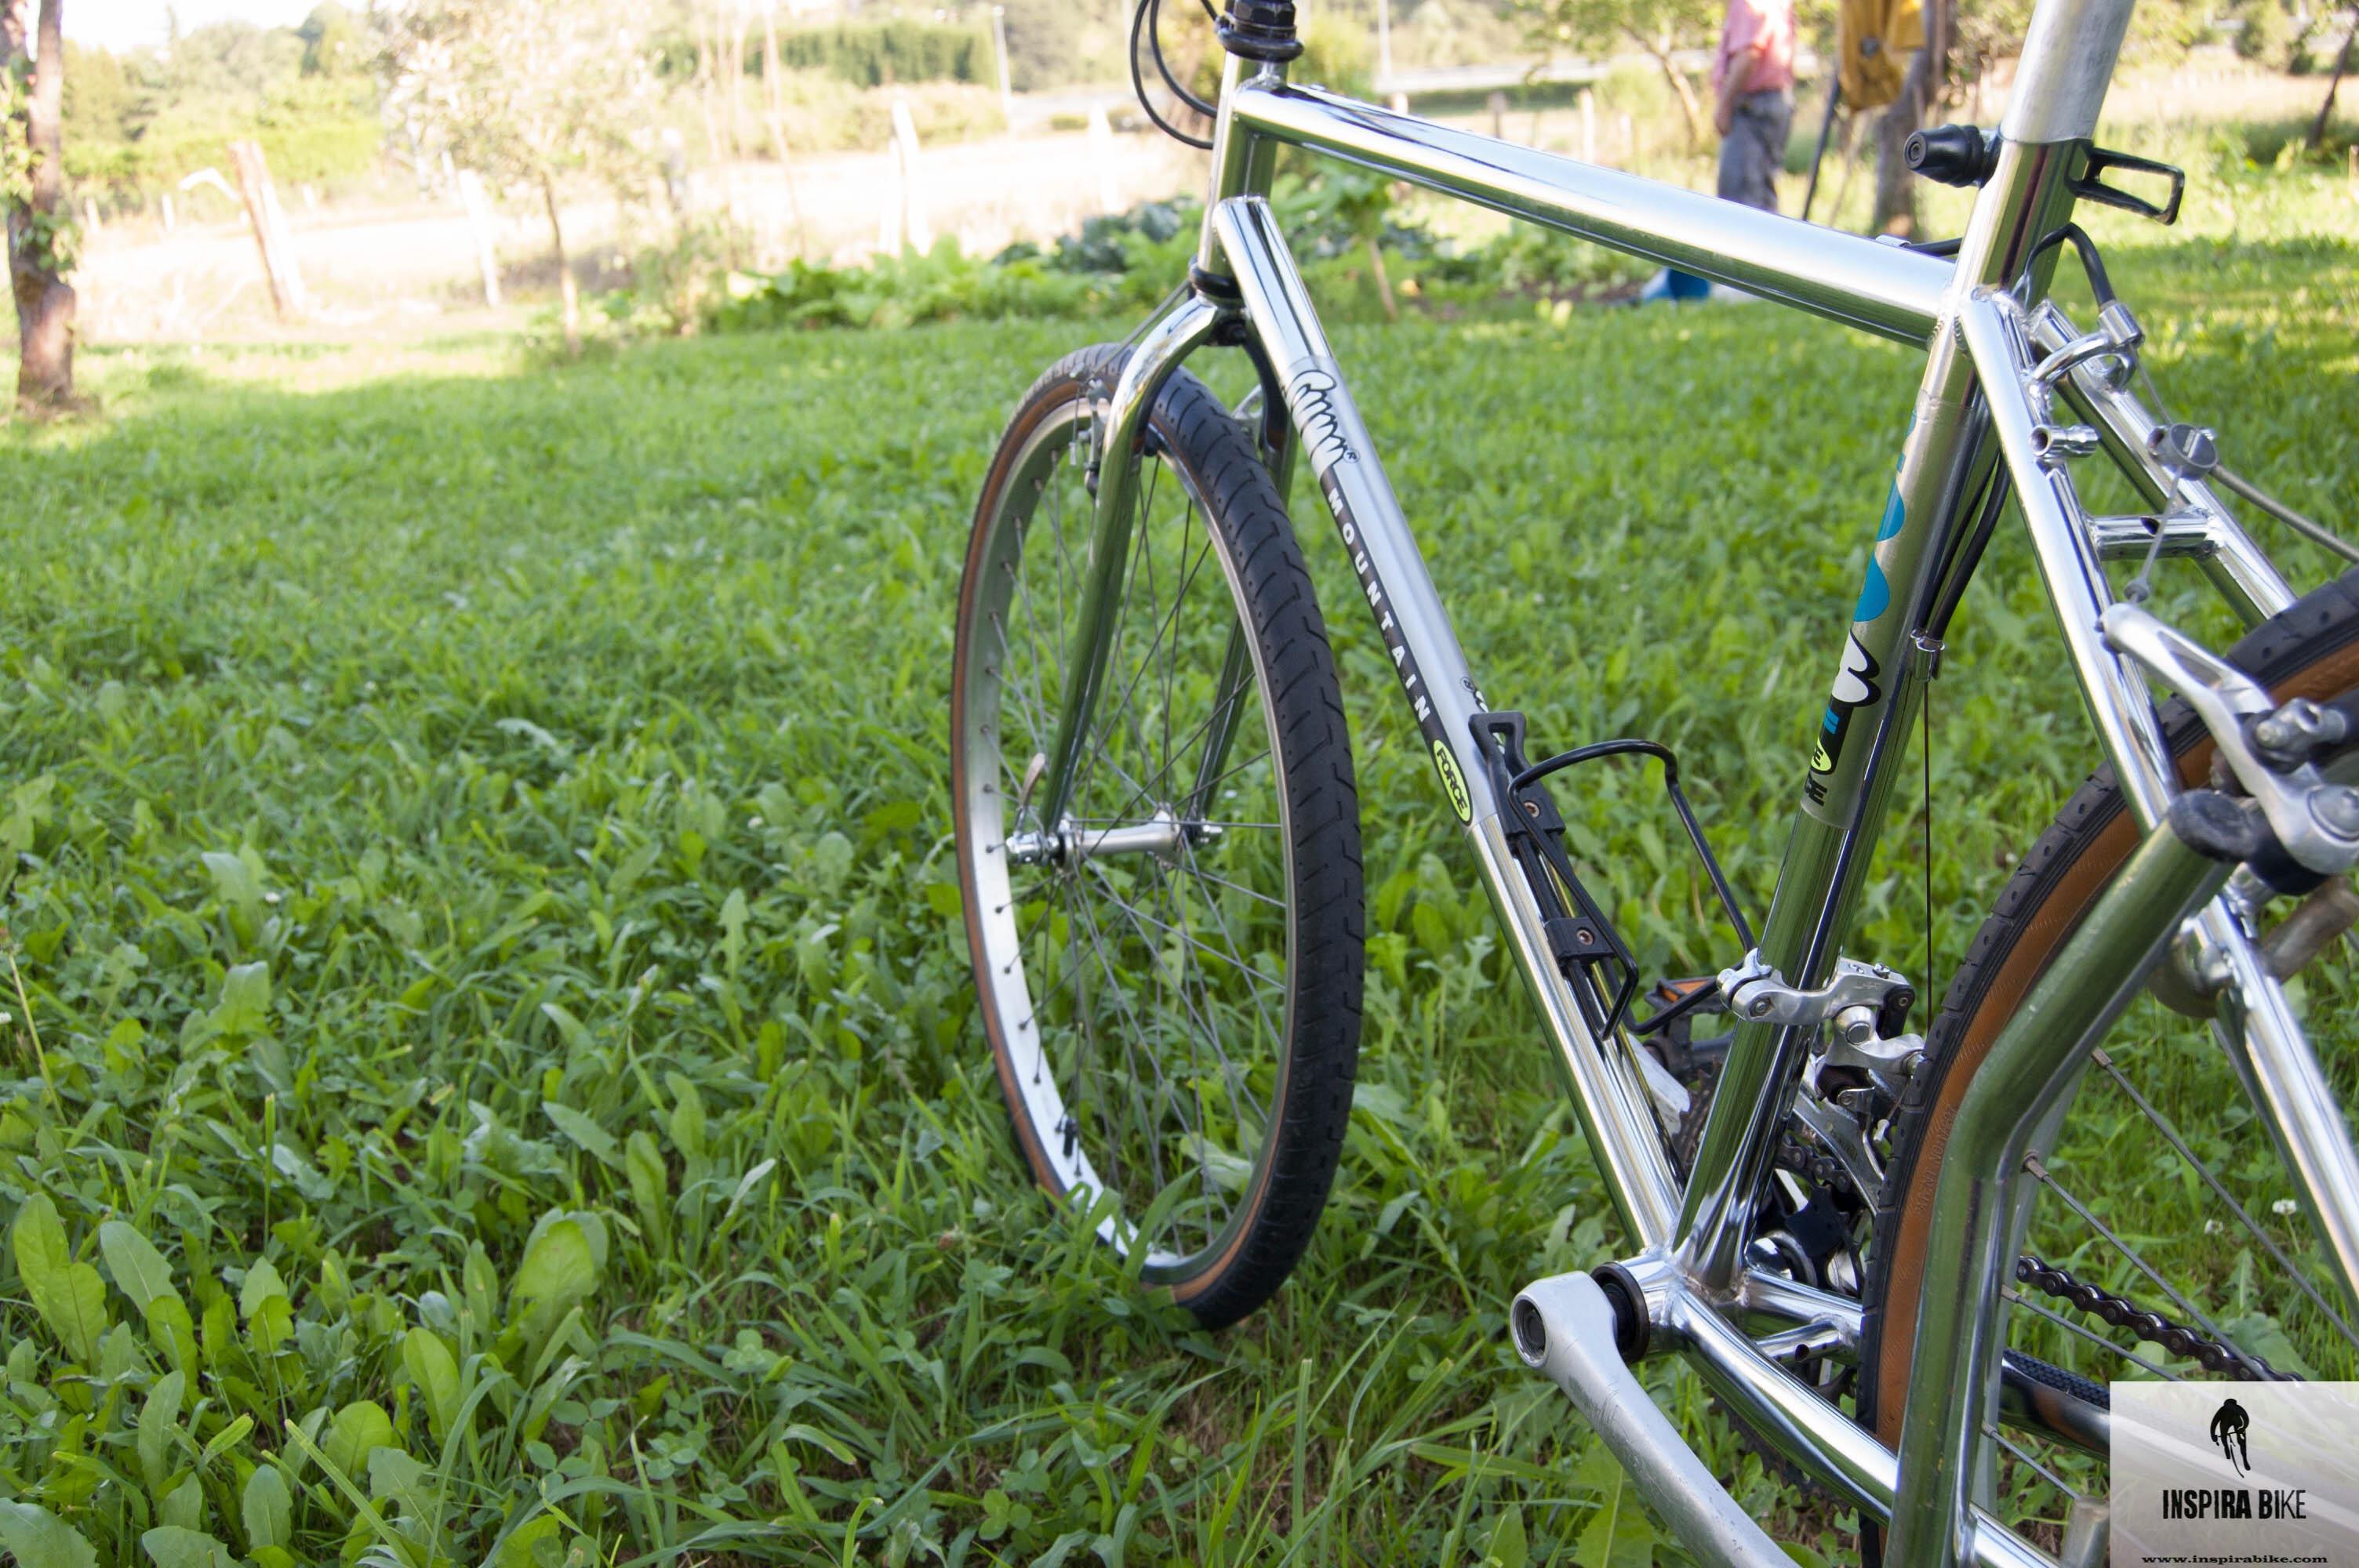 Mecanica – Inspira Bike